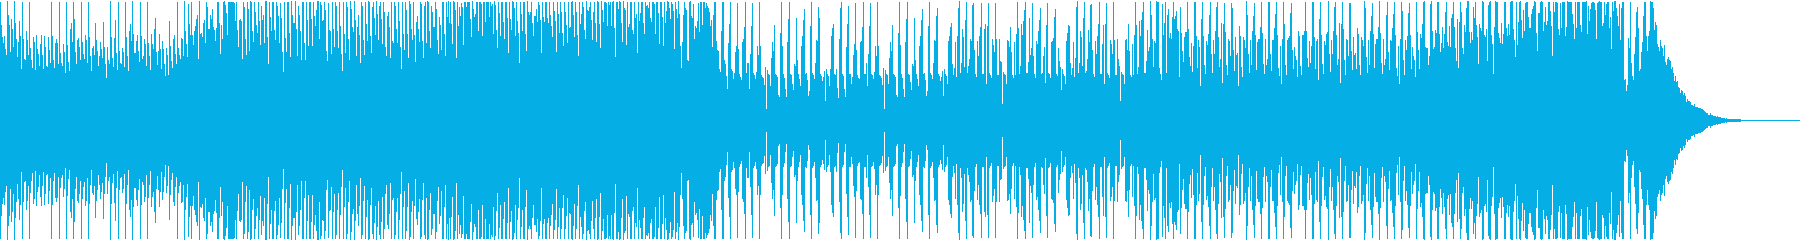 EDM 楽しい ワクワク スポーツ 走るの再生済みの波形